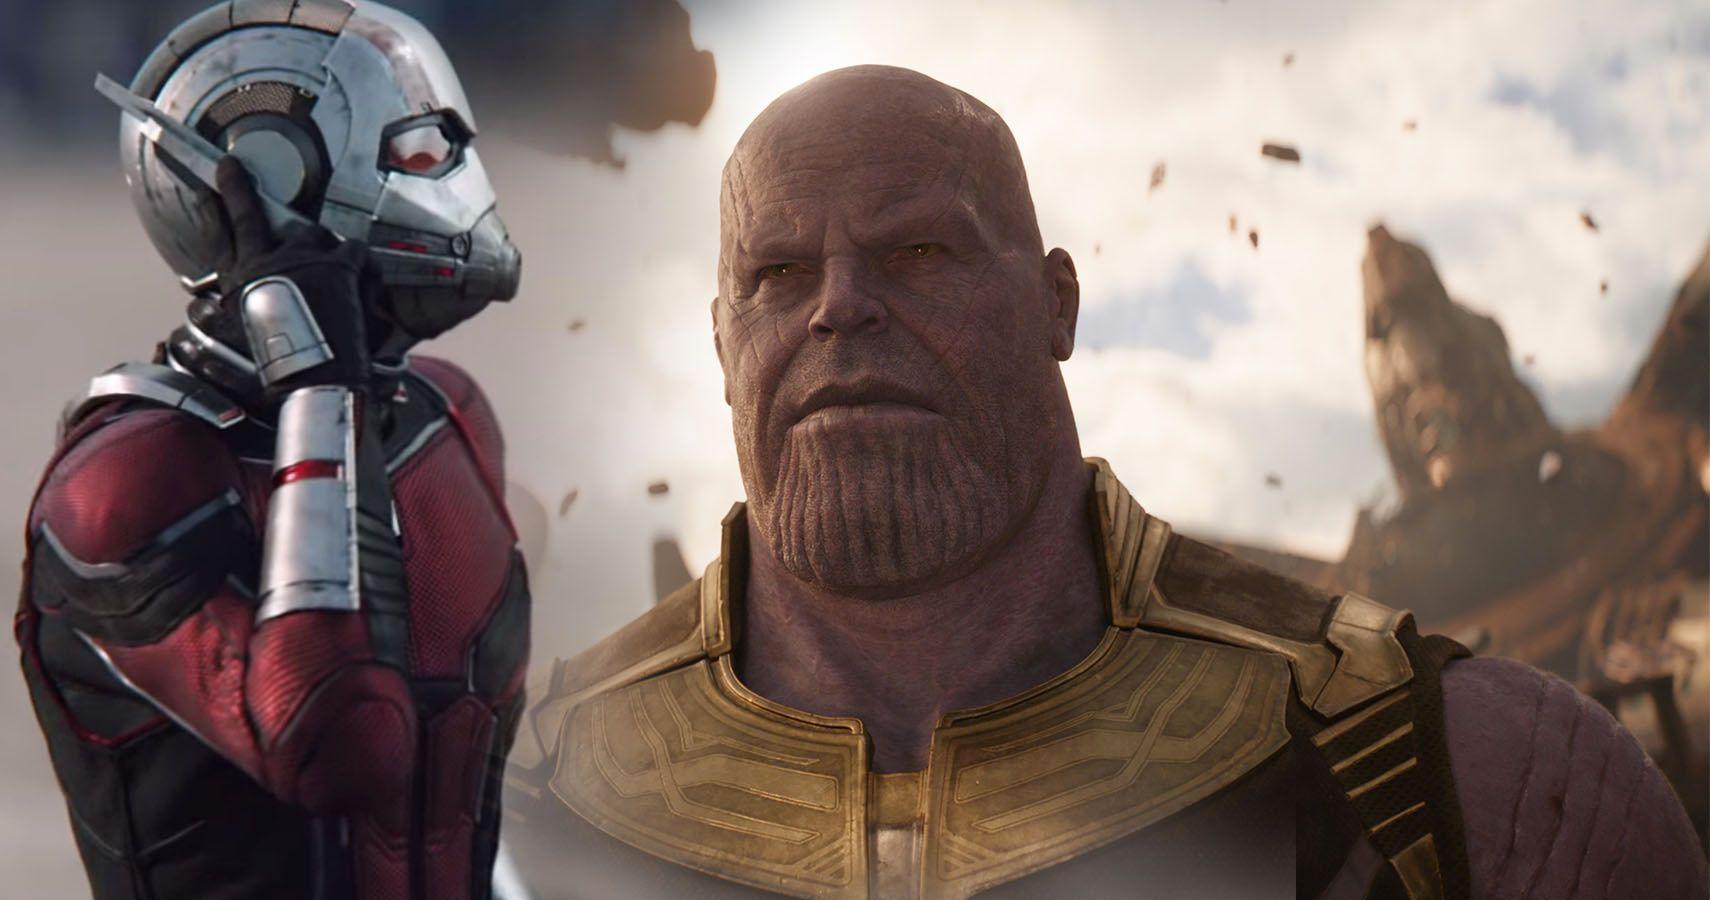 Avengers Endgame 10 Best Memes From The Movie Screenrant